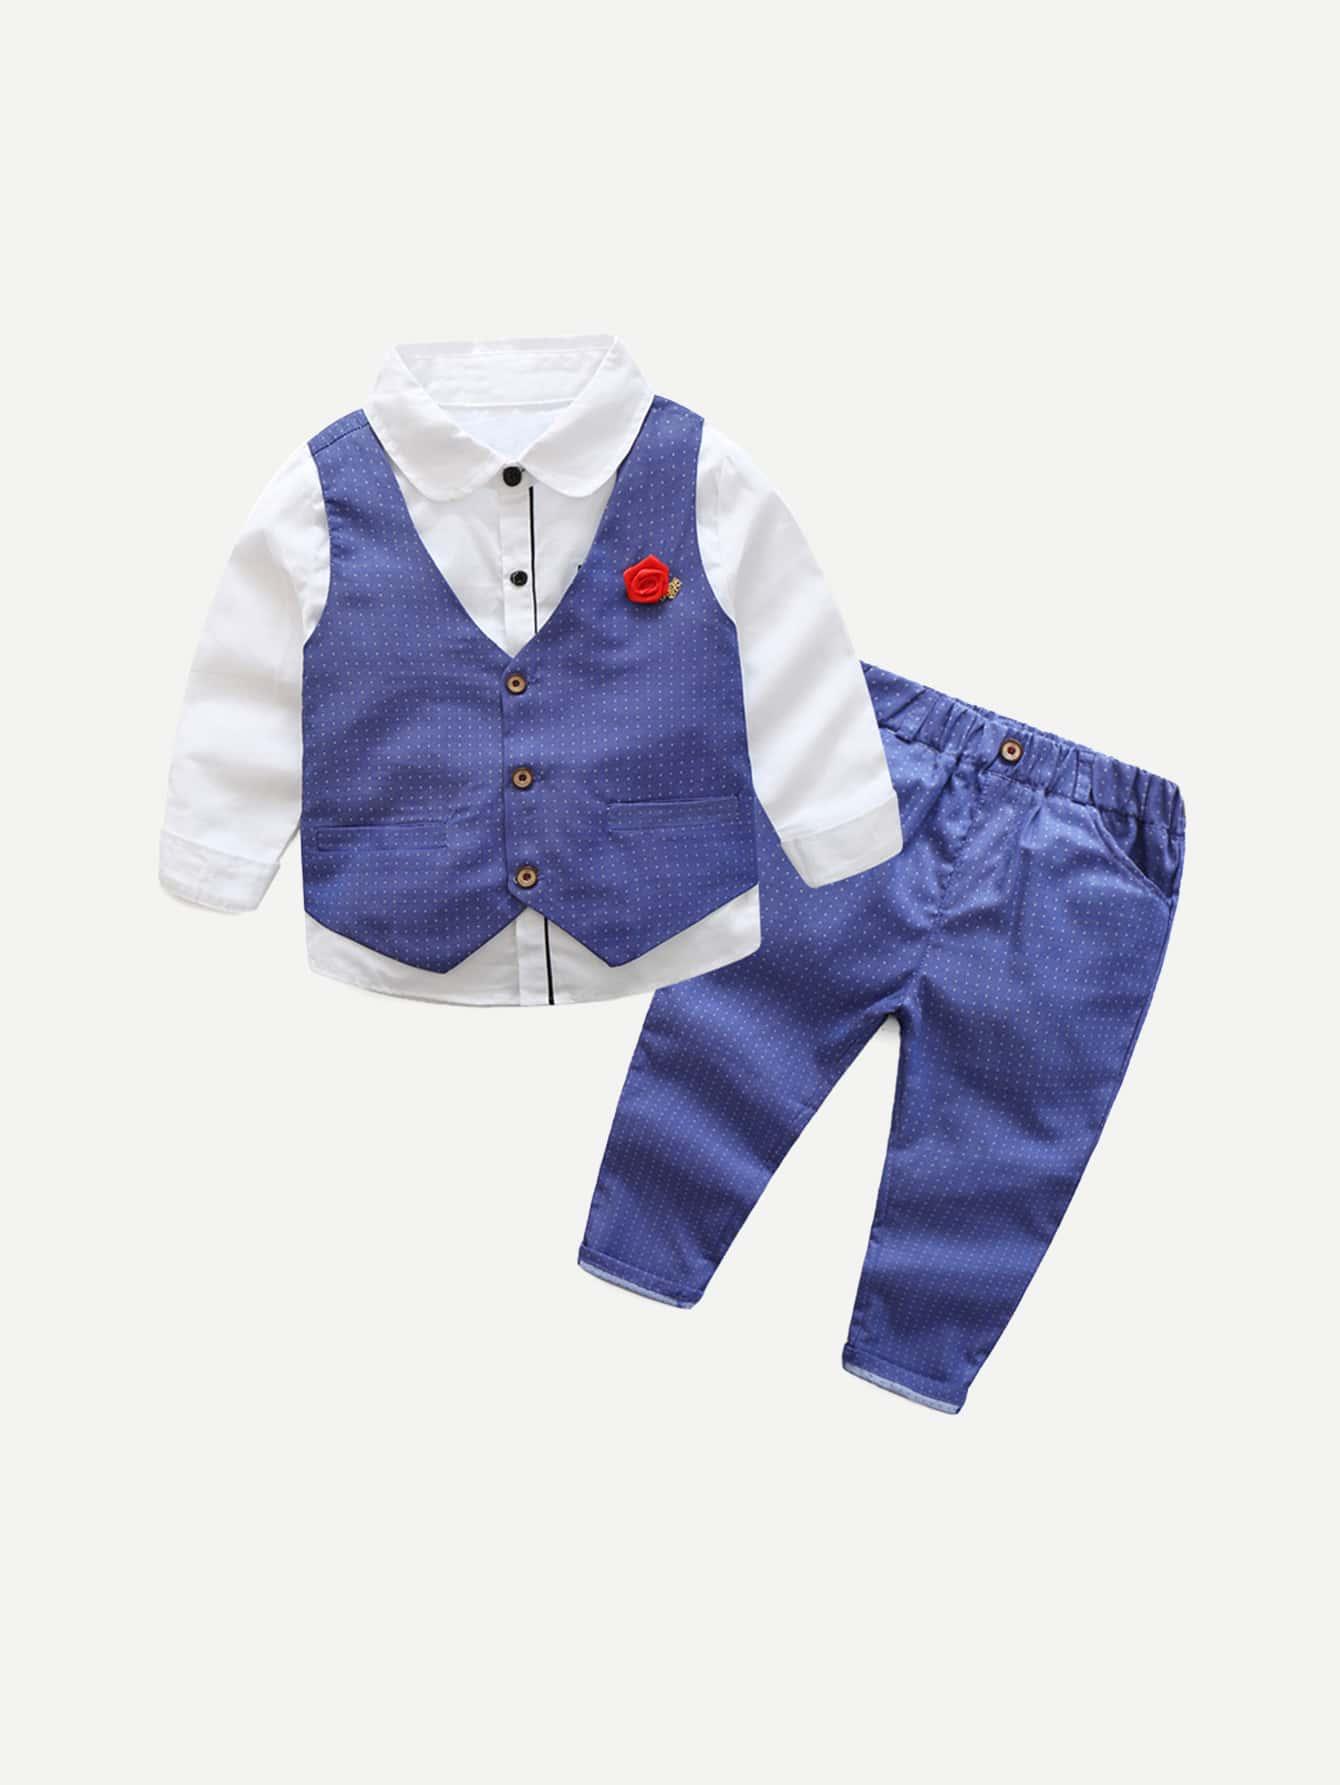 Футболка с длинными рукавами и брюки рисунками точки польки жилет для мальчика